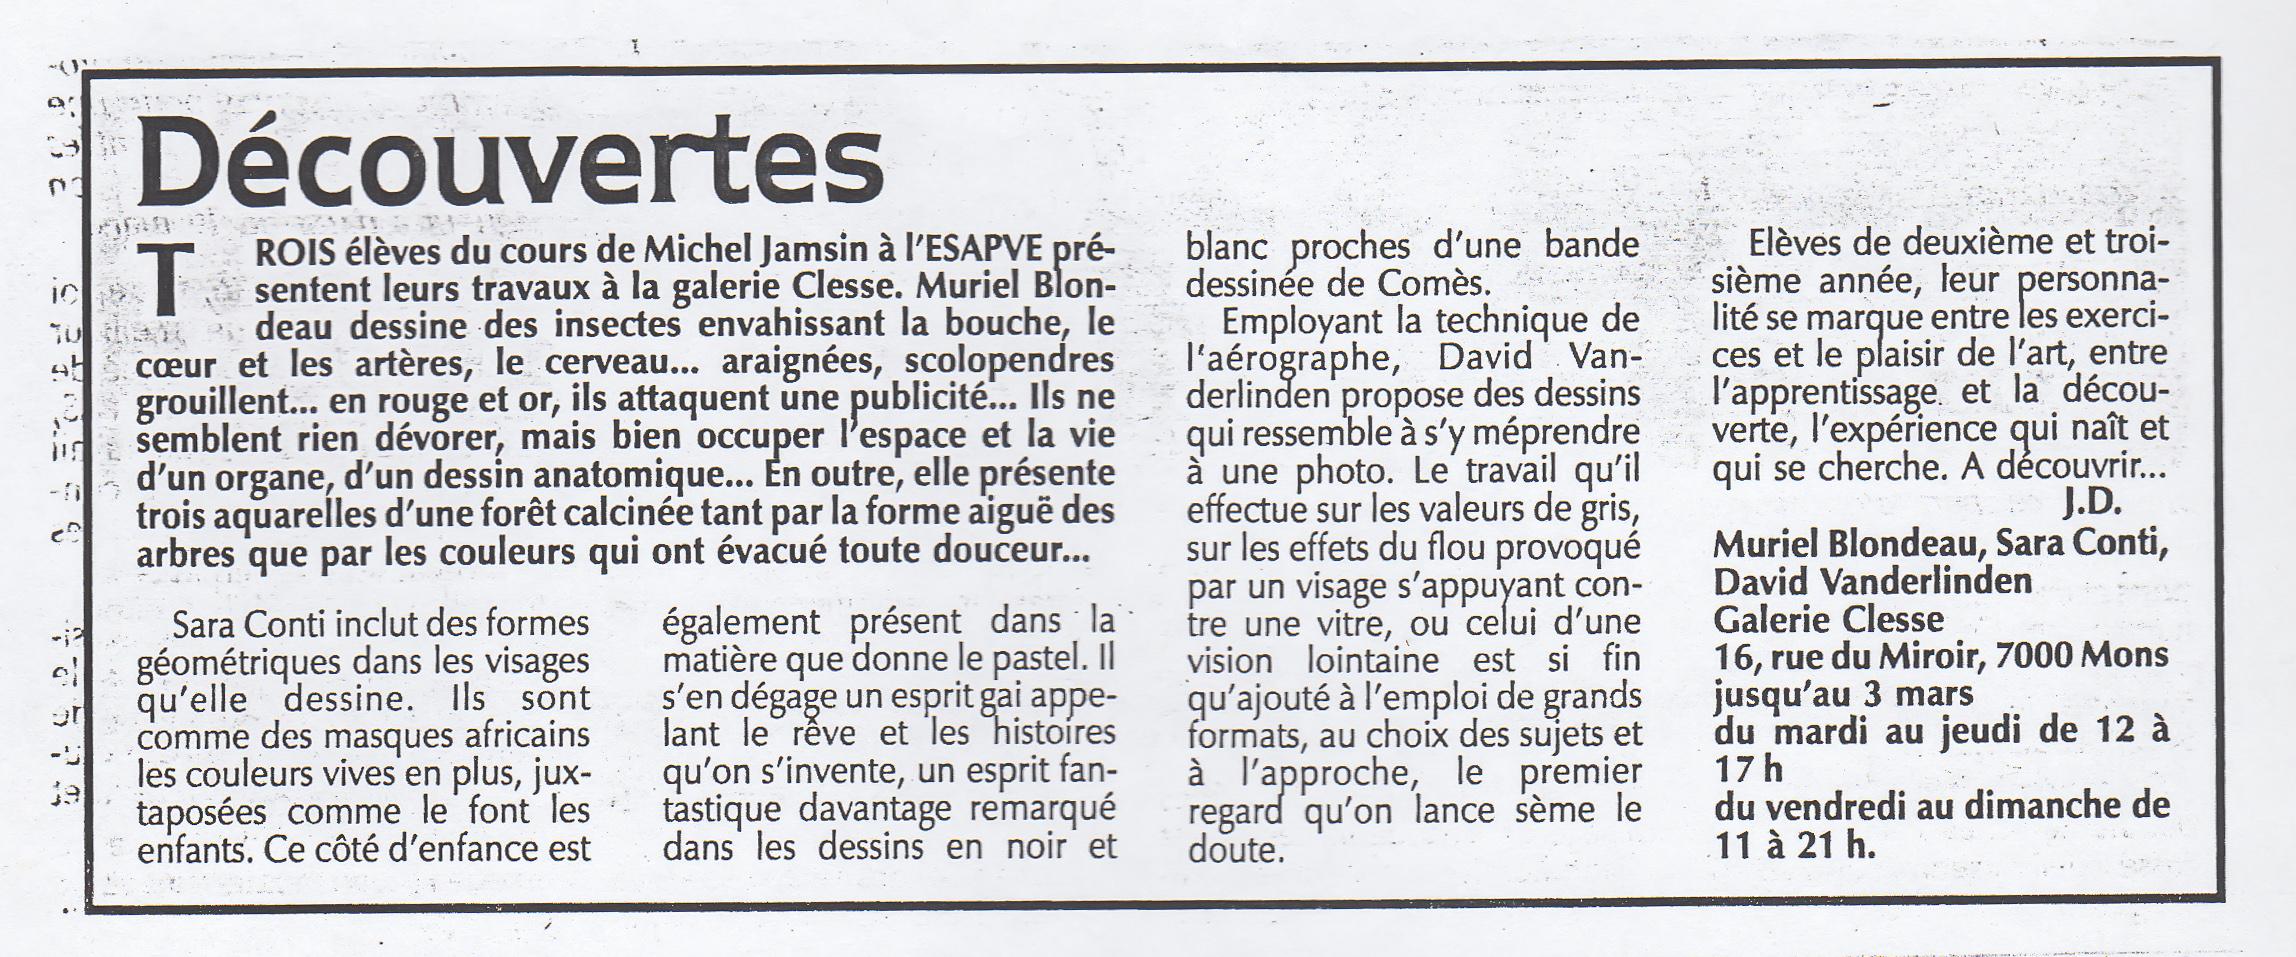 Mu Blondeau Galerie Clesse Presse